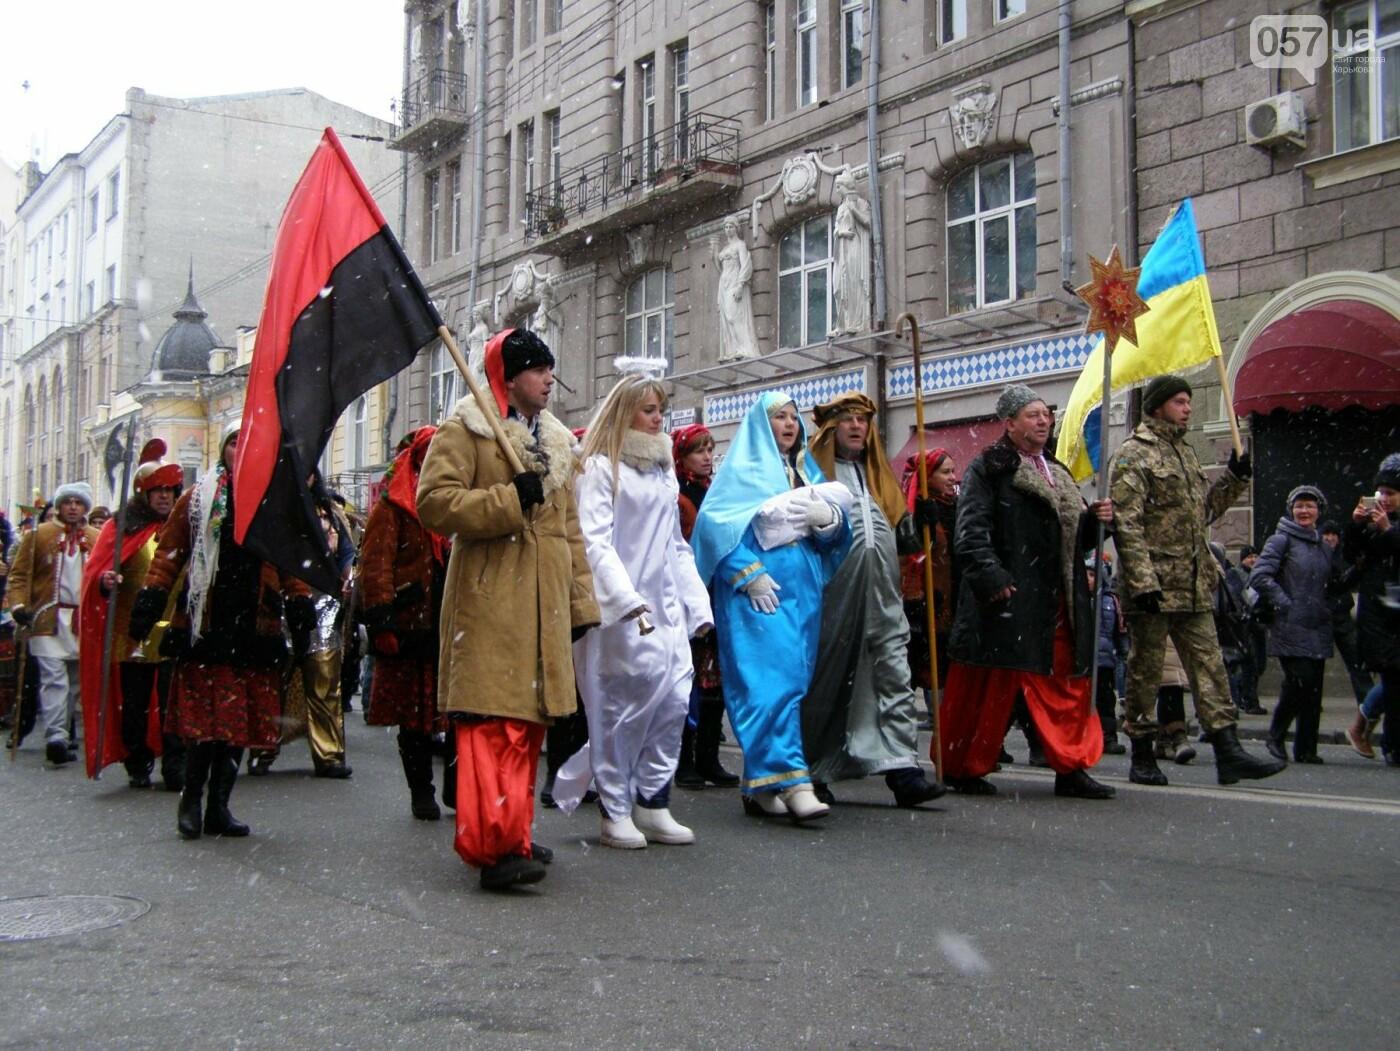 Харьков заполонили ангелы, козы и черти: в городе прошел масштабный фестиваль вертепов (ФОТО), фото-17